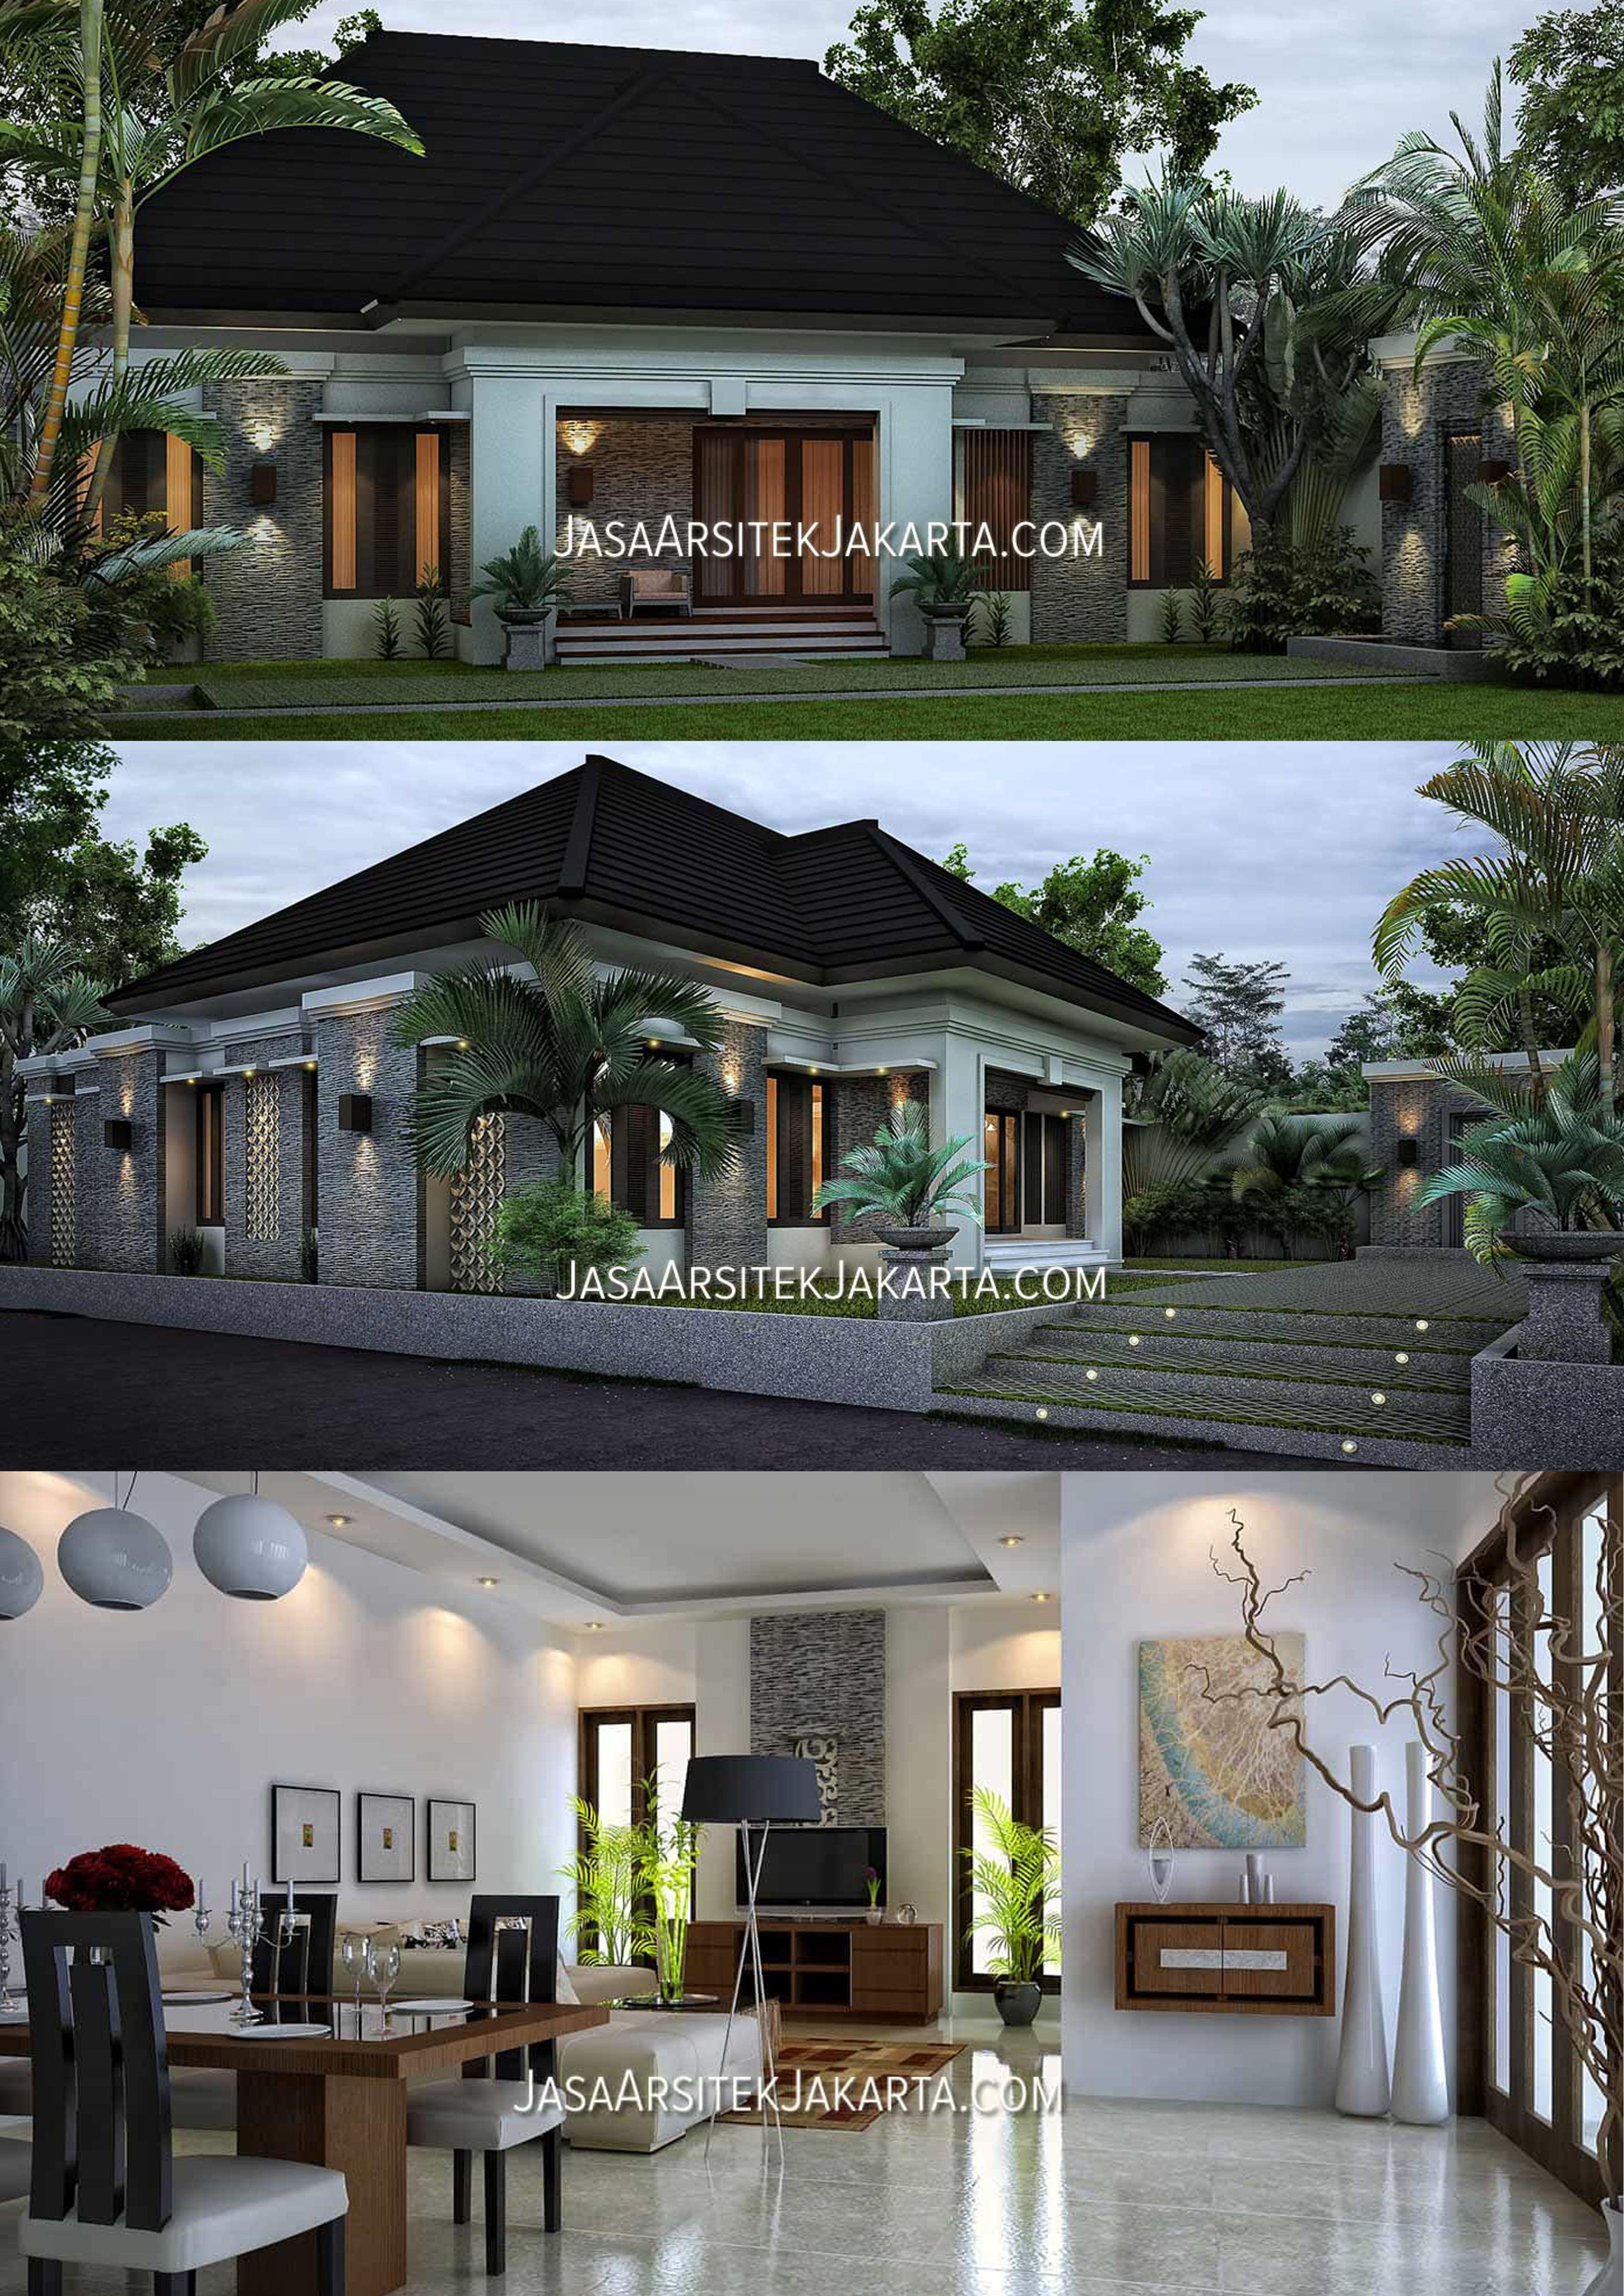 Desain Rumah Minimalis Dengan Luasan 240m2 Berlokasi Di Kab Bone Sulawesi Selatan Rumah Arsitektur Desain Rumah Bungalow Desain Depan Rumah